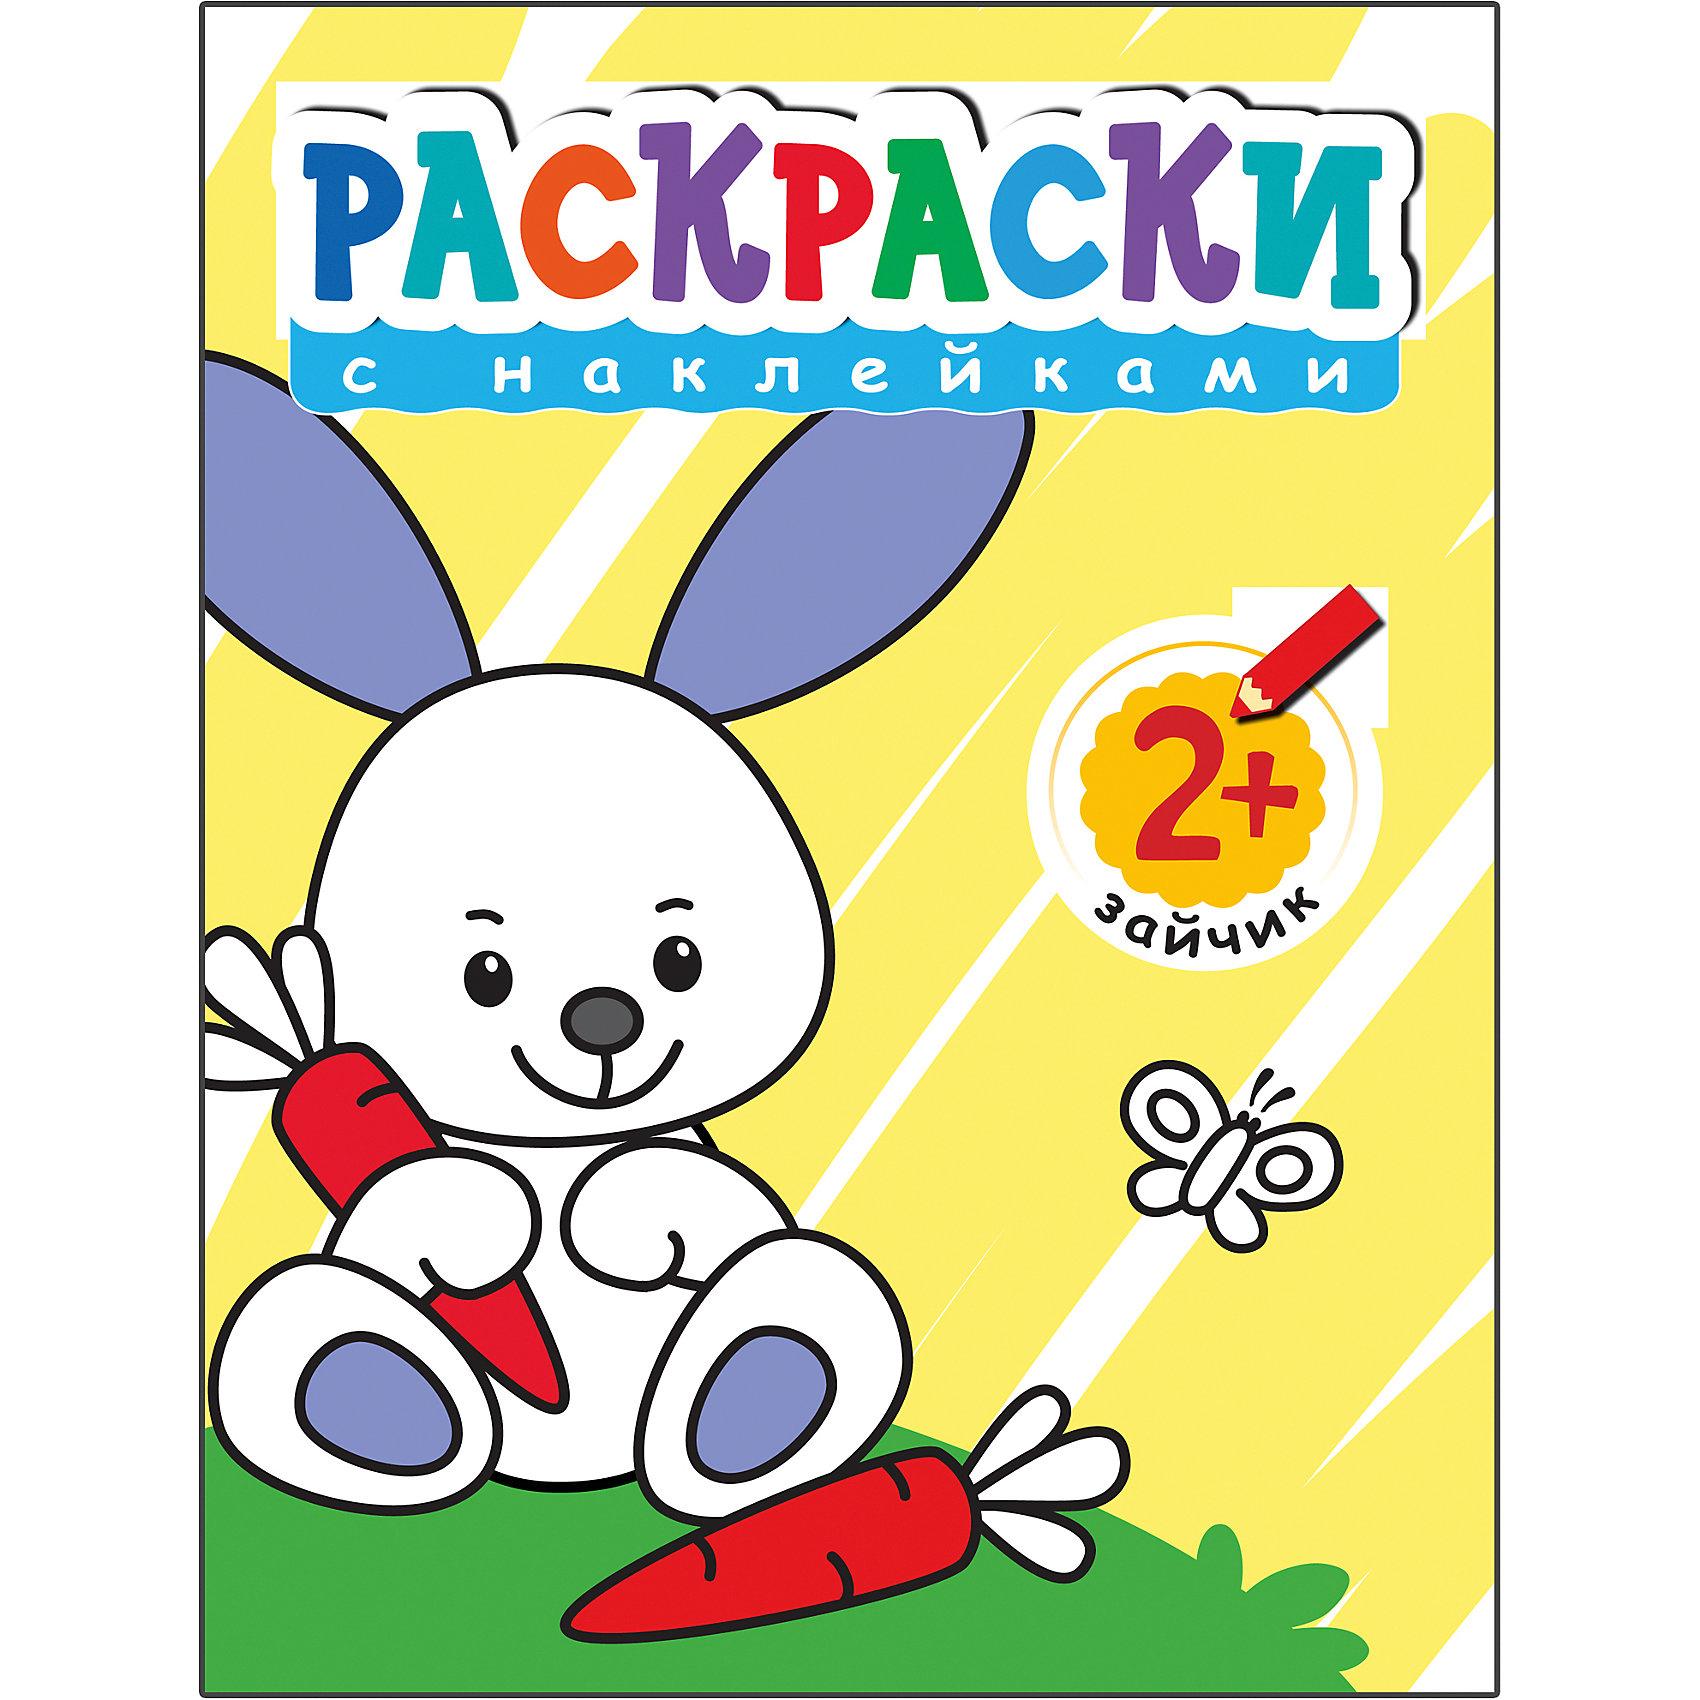 Раскраски с наклейками для малышей ЗайчикРисование<br>Раскраски с наклейками для малышей «Зайчик»<br><br>Характеристики:<br>• издательство: Мозаика-Синтез;<br>• размер: 25,5х0,2х19 см.;<br>• количество страниц: 8;<br>• тип обложки: мягкая;<br>• иллюстрации: чёрно-белые;<br>• ISBN: 9785431503764;<br>• вес: 62 г.;<br>• для детей в возрасте: от 1 года;<br>• страна производитель: Россия.<br>Развивающая книжка-раскраска из серии «Раскаски с наклейками» предназначена для самых маленьких детей от года. С её помощью ребёнок сможет называть животных и повседневные предметы, а потом раскрашивать их. Наклейки-подсказки помогут с выбором цвета для каждой раскраски. Все животные описаны в виде тематических забавных четверостиший, которые развлекут ребёнка. Занимаясь с книжкой-раскраской дети смогут развивать мелкую моторику рук, чувство цвета, творческие способности, логику. Слушая и запоминая стихи дети развивают память, словарный запас, учатся правильно формировать и строить предложения, запоминают основные правила русского языка. <br>Раскраску с наклейками для малышей «Зайчик» можно купить в нашем интернет-магазине.<br><br>Ширина мм: 20<br>Глубина мм: 195<br>Высота мм: 255<br>Вес г: 65<br>Возраст от месяцев: 24<br>Возраст до месяцев: 48<br>Пол: Унисекс<br>Возраст: Детский<br>SKU: 5562612